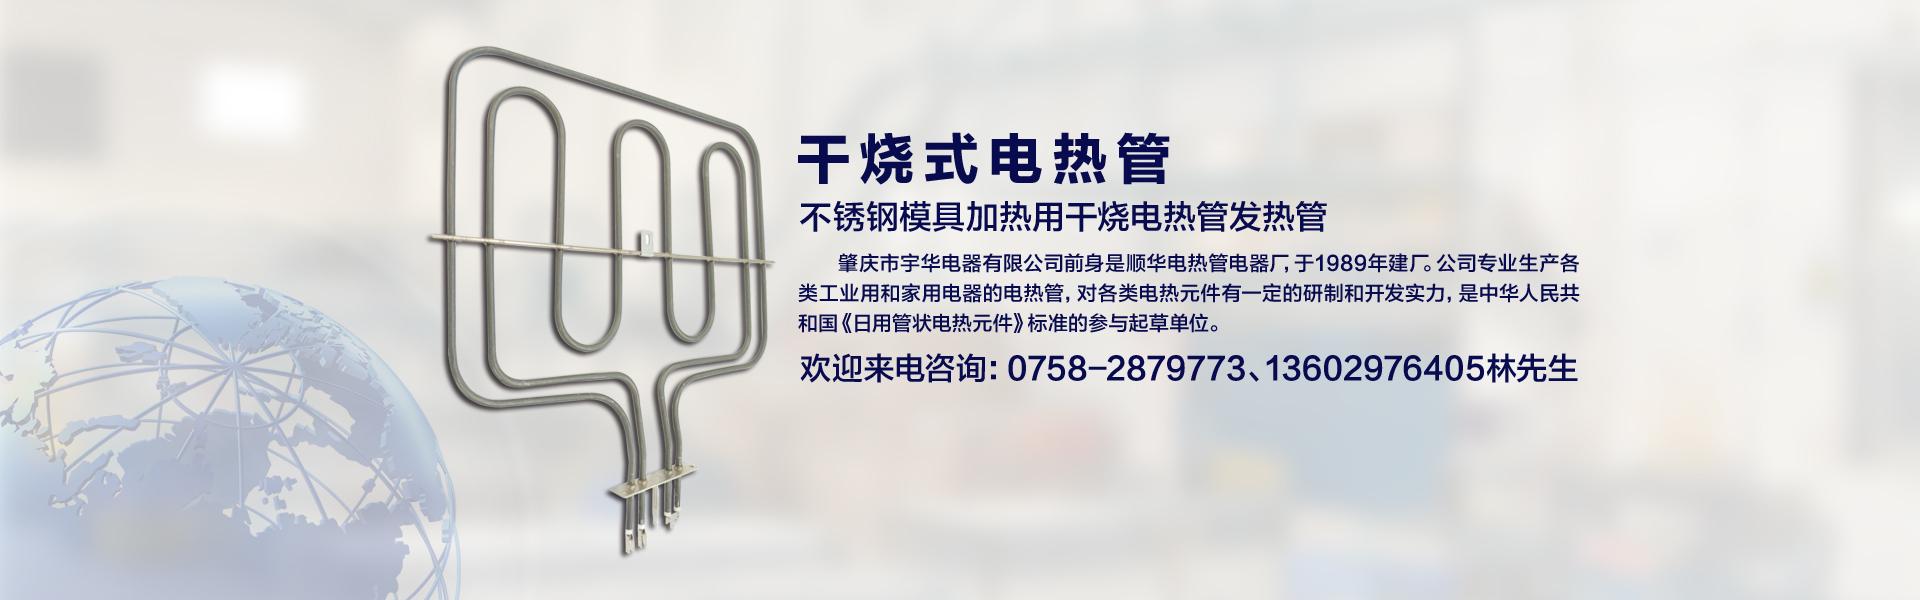 肇慶市宇華電器有限公司專業生產幹燒式電熱管,單頭電熱管和不鏽鋼電加熱管。